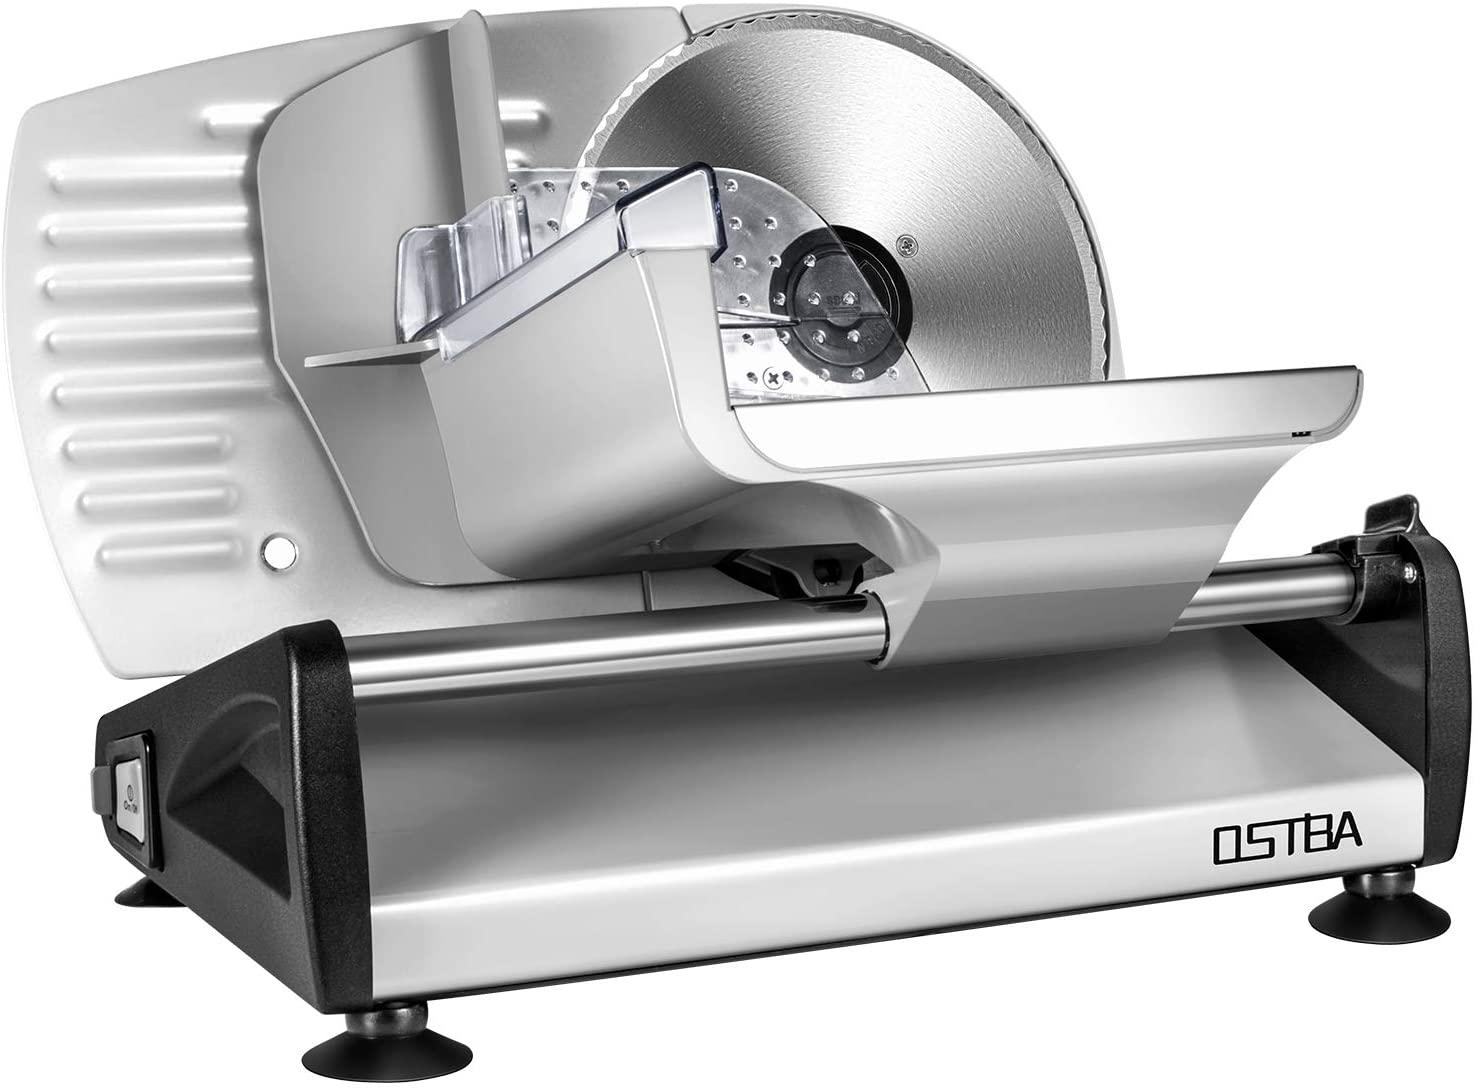 OSTBA 200 Watt Electric Meat Slicer